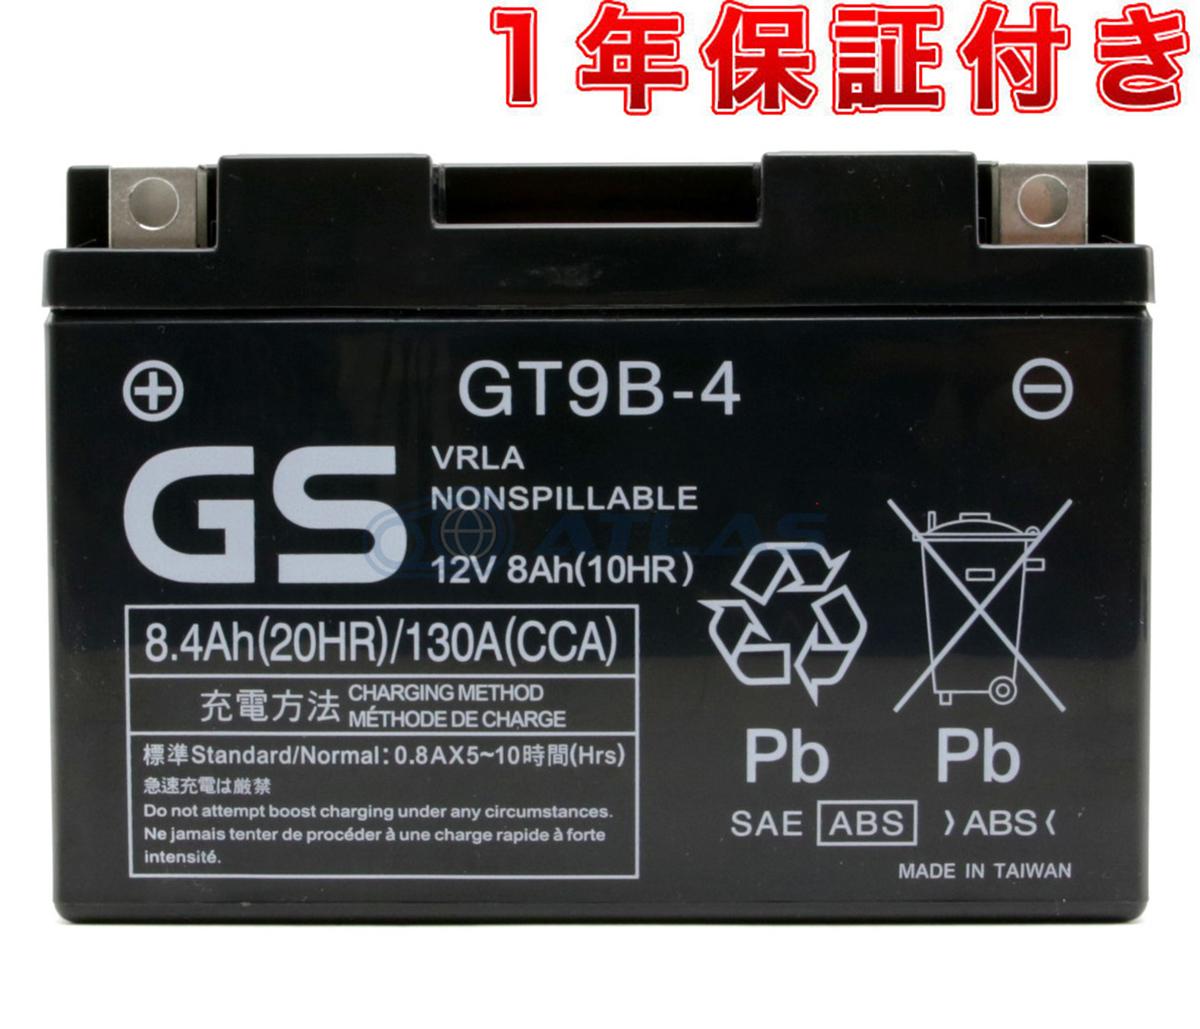 コスパ最強台湾GSバッテリー LINE友だちクーポン発行中 バイク バッテリー台湾GS GT9B-4メーカー初期充電済み 横置き搭載可 FT9B-4 傾斜搭載 正規品スーパーSALE×店内全品キャンペーン 1年保証付き 互換YT9B-BS 超美品再入荷品質至上